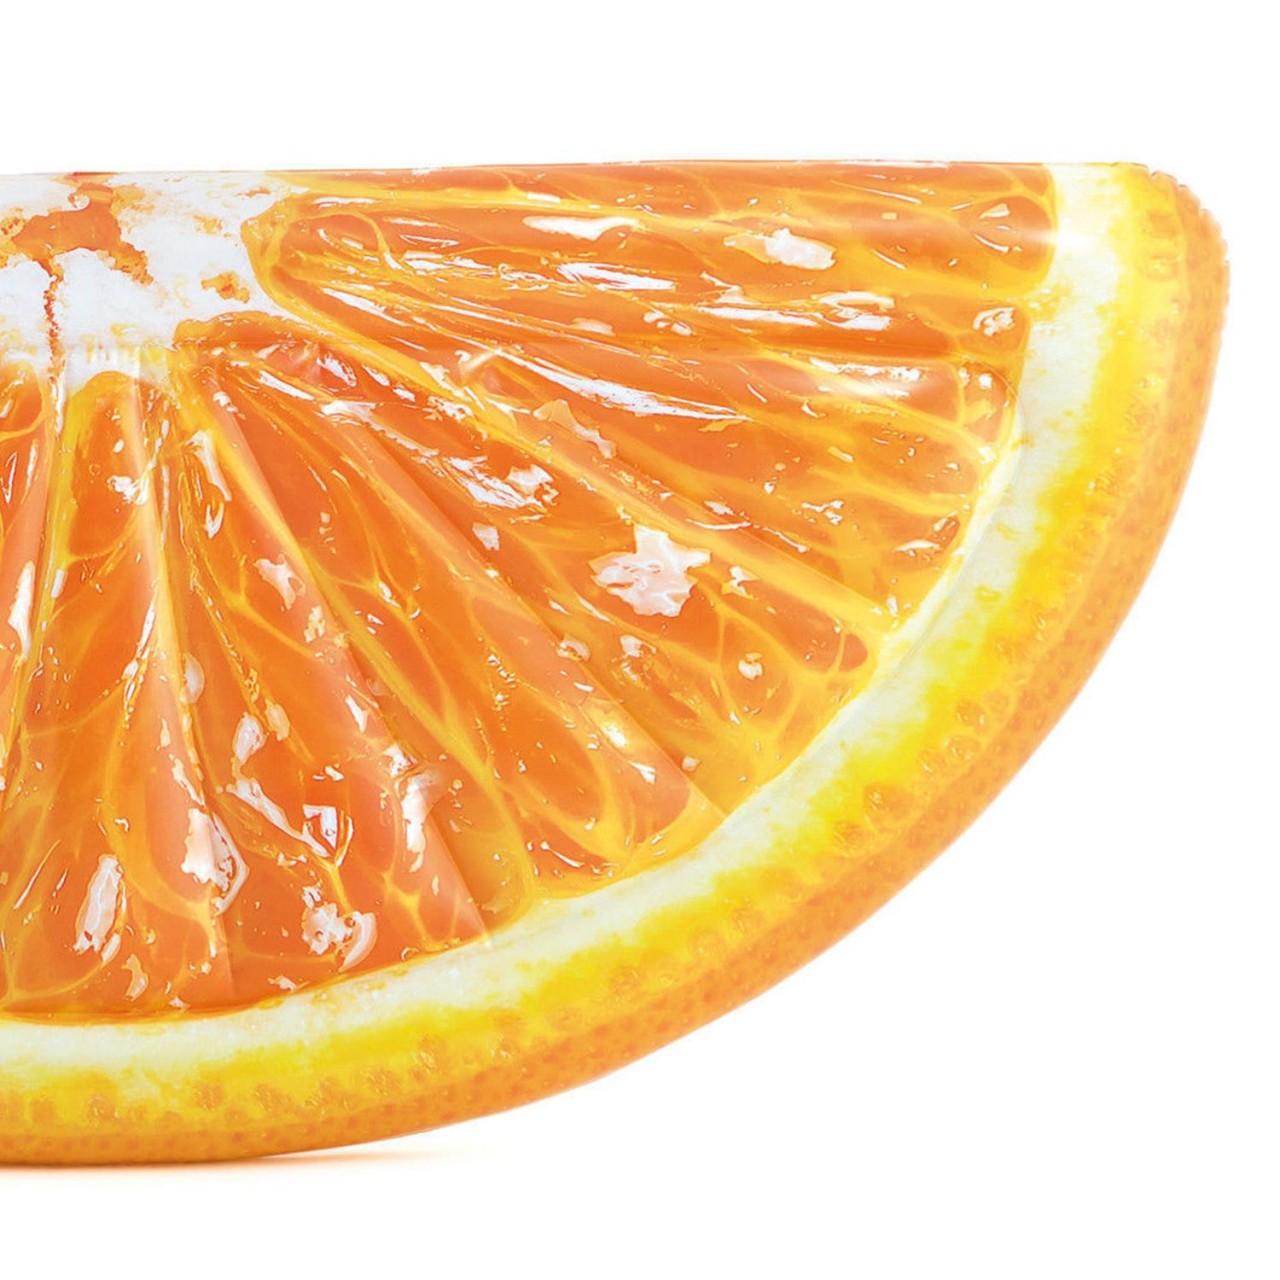 Intex Luftmatratze Orangenscheibe Lounge Wasserliege 178x85cm 58763